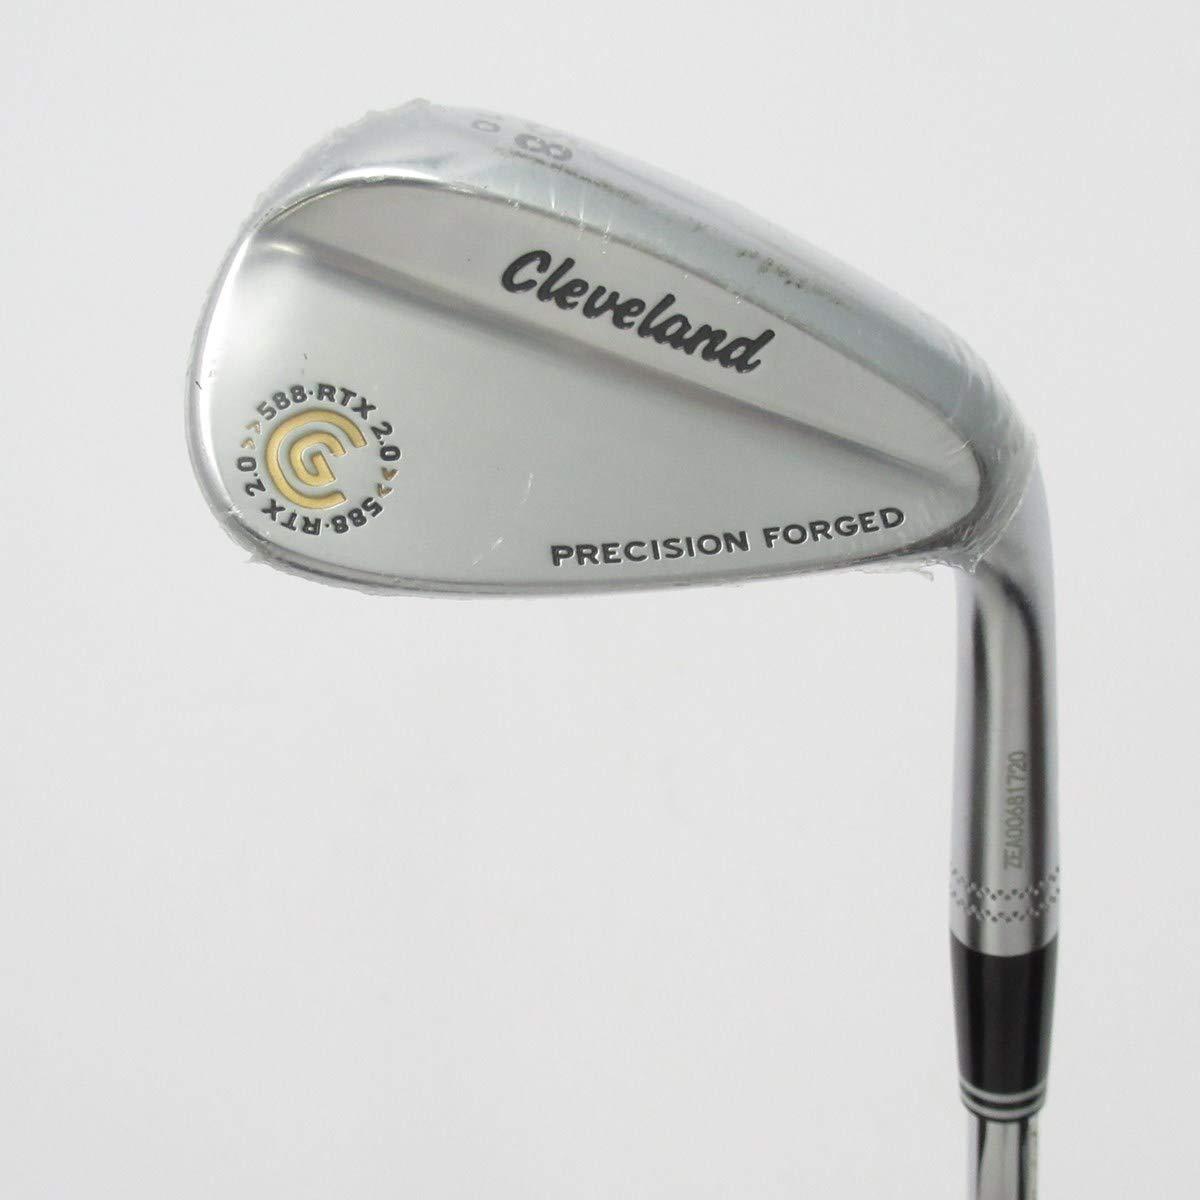 【中古】クリーブランド Cleveland Golf 588 RTX 2.0 PRECISION FORGED ウェッジ N.S.PRO 950GH 【58-10】 B07STMP71R  /S